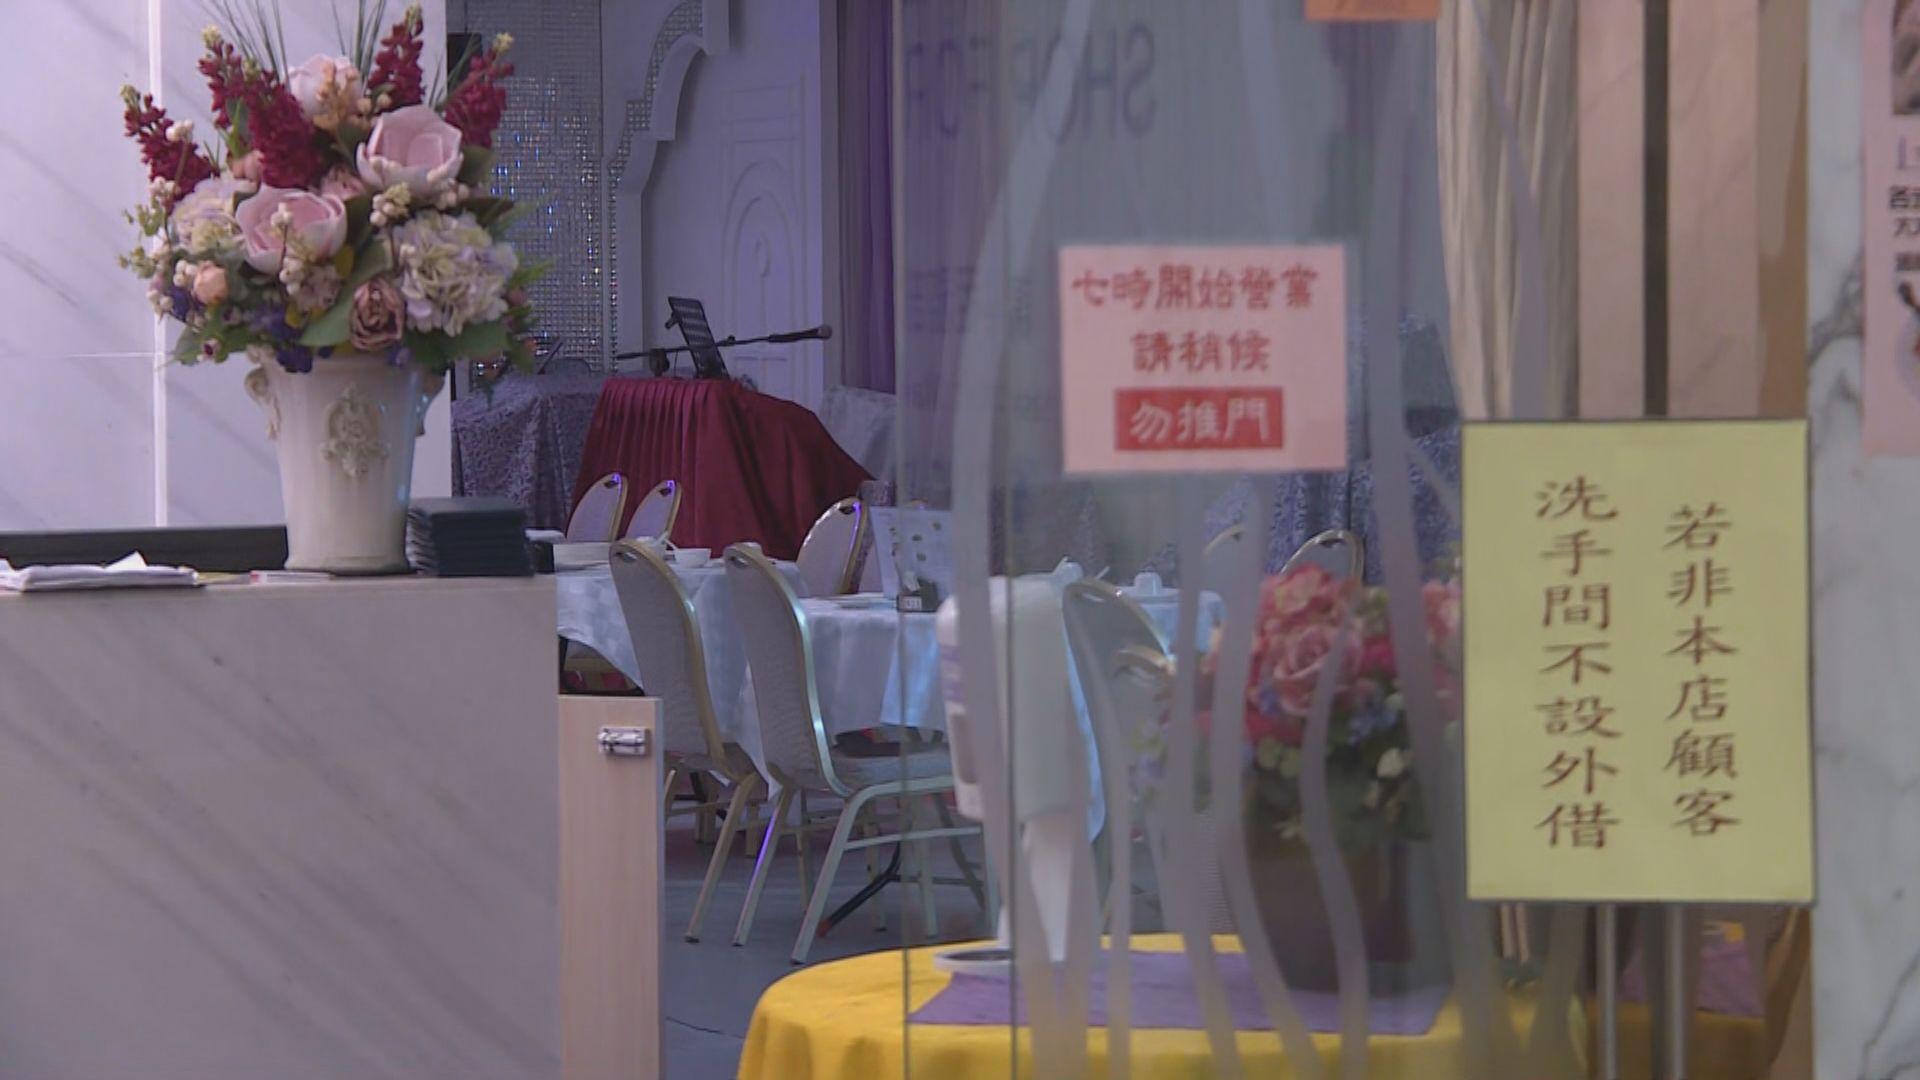 消息:今增約83宗確診 部分室內消閒娛樂場所需關閉